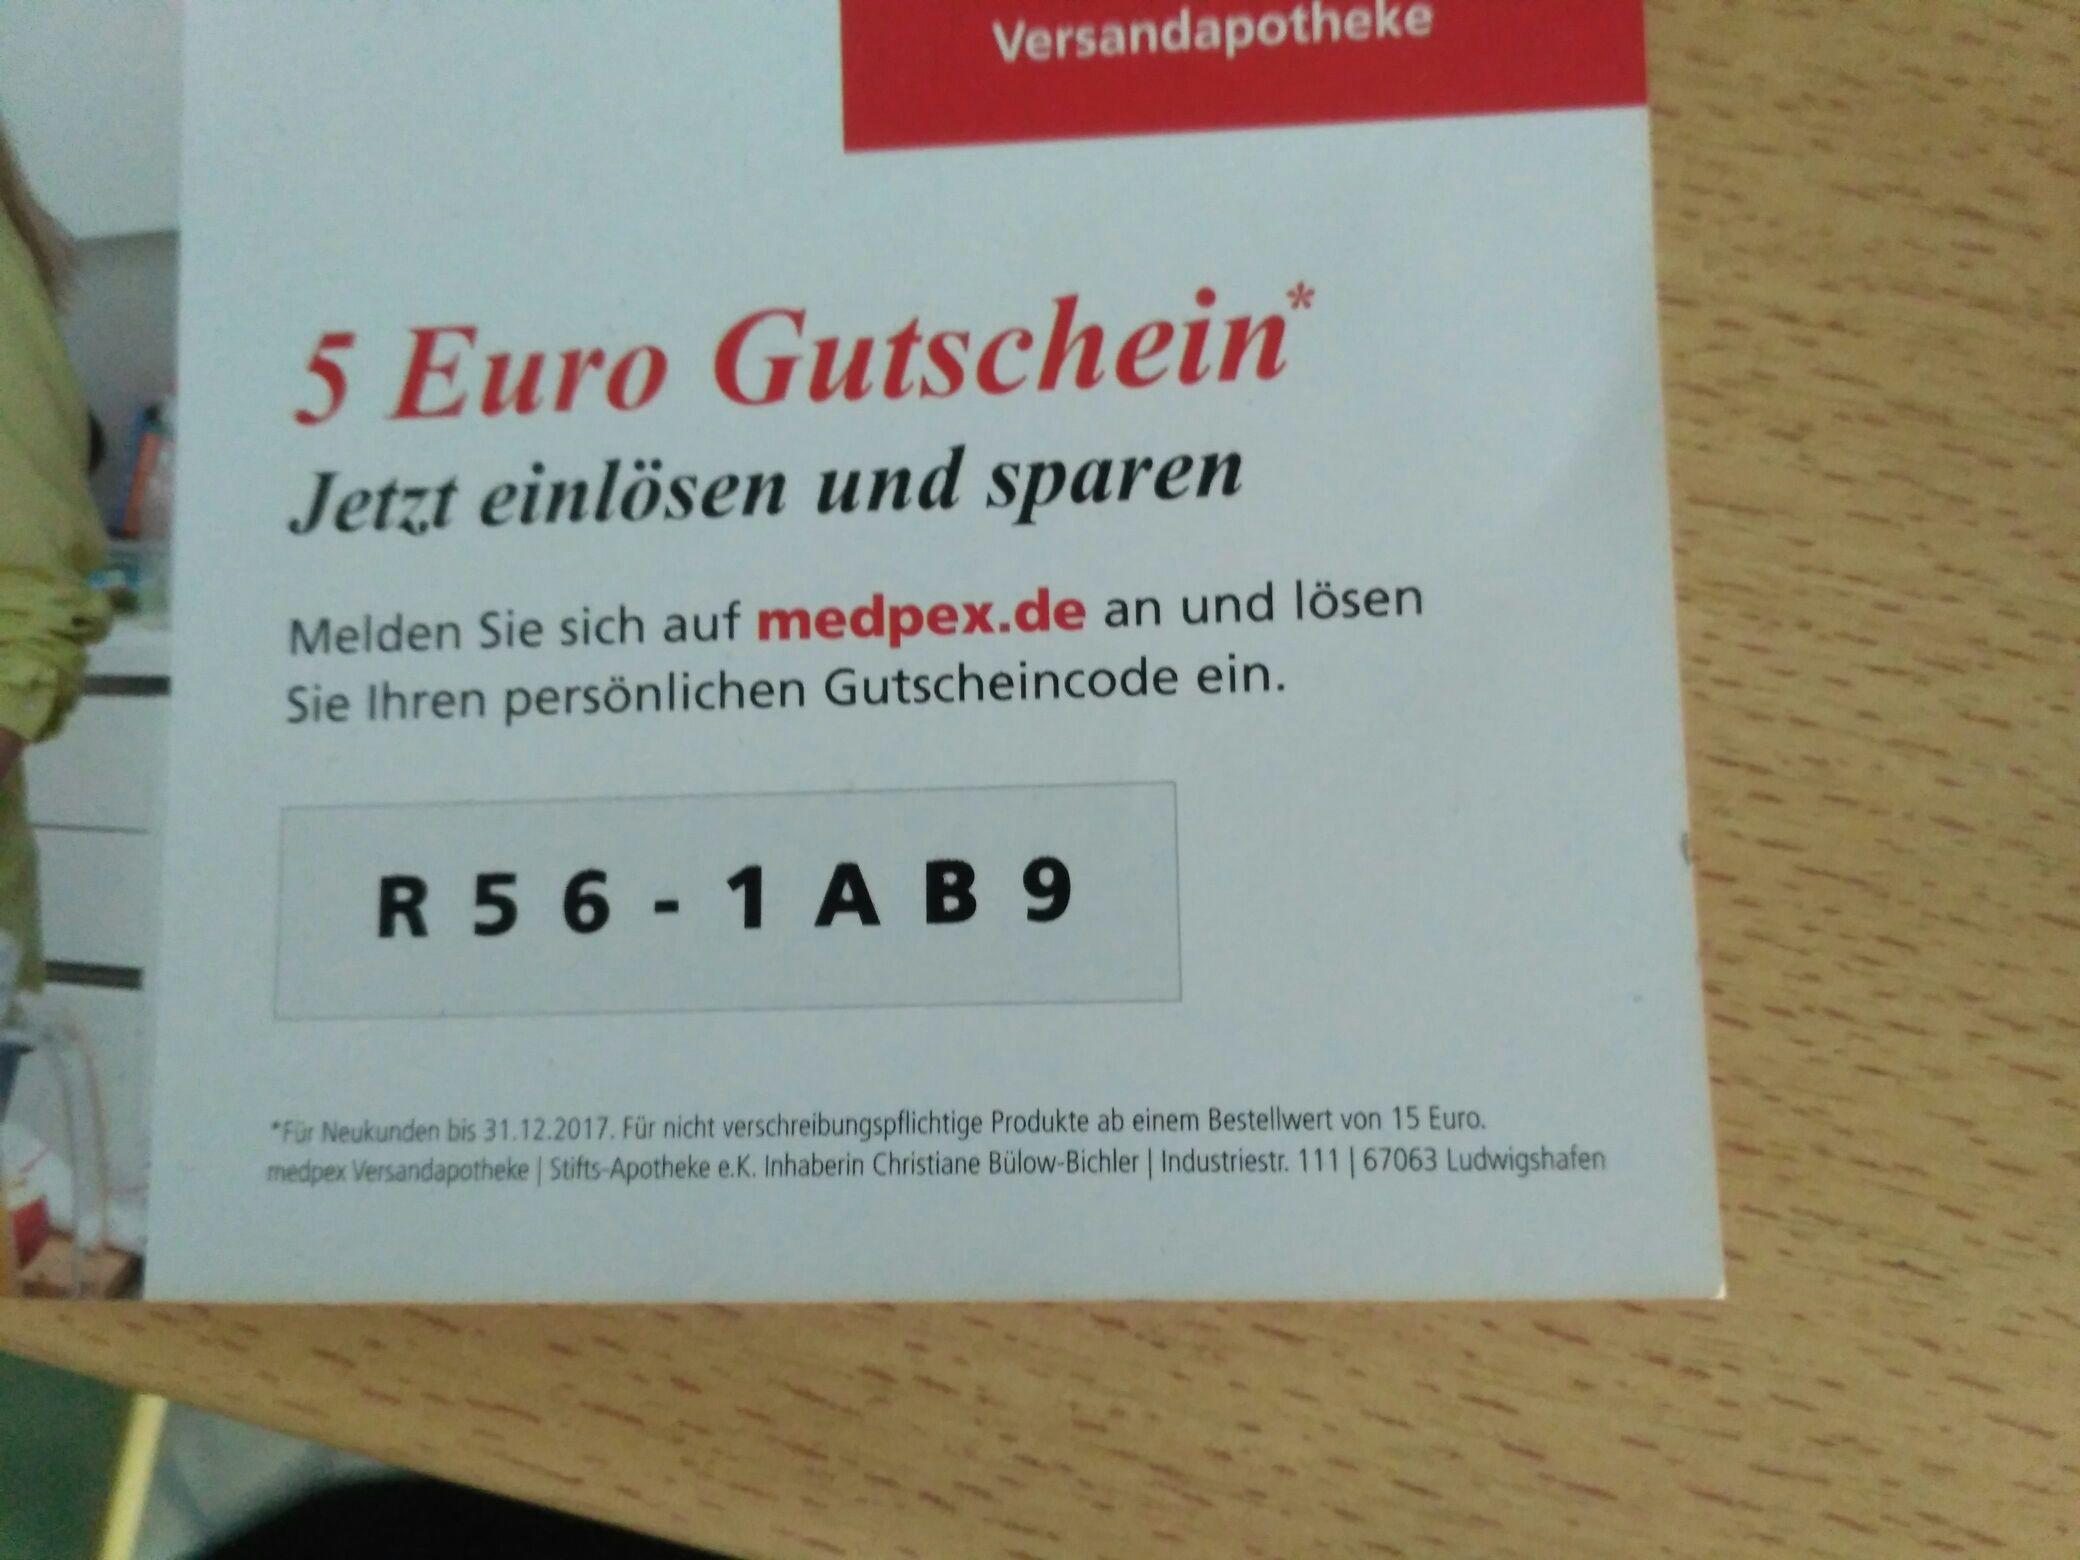 Medpex Gutschein 5€ zu verschenken. Neukunde, 15€ MBW